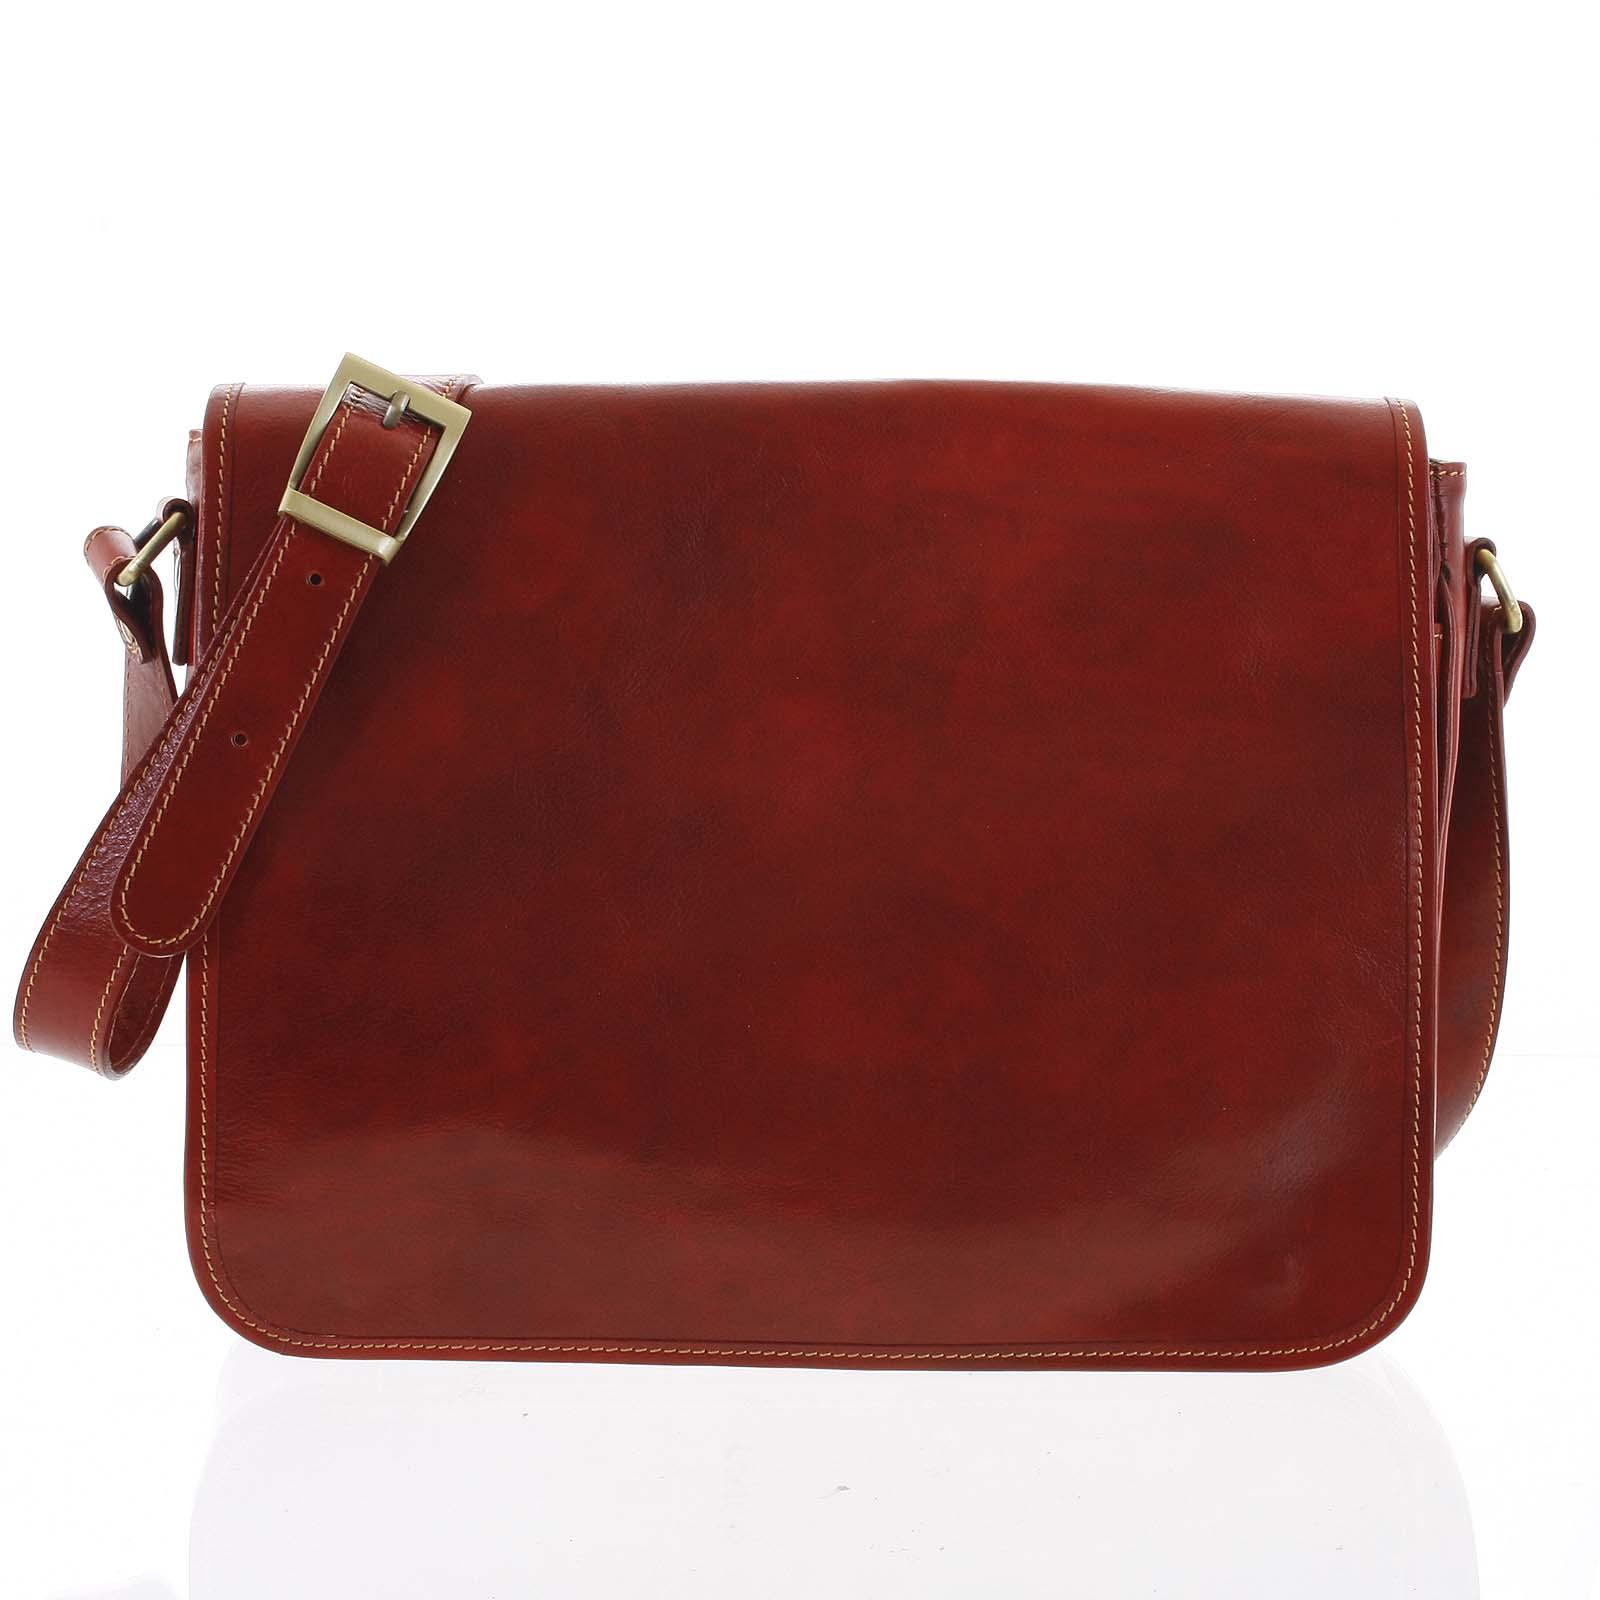 Väčšia pracovná kožená taška červená - ItalY Equado Achilles červená